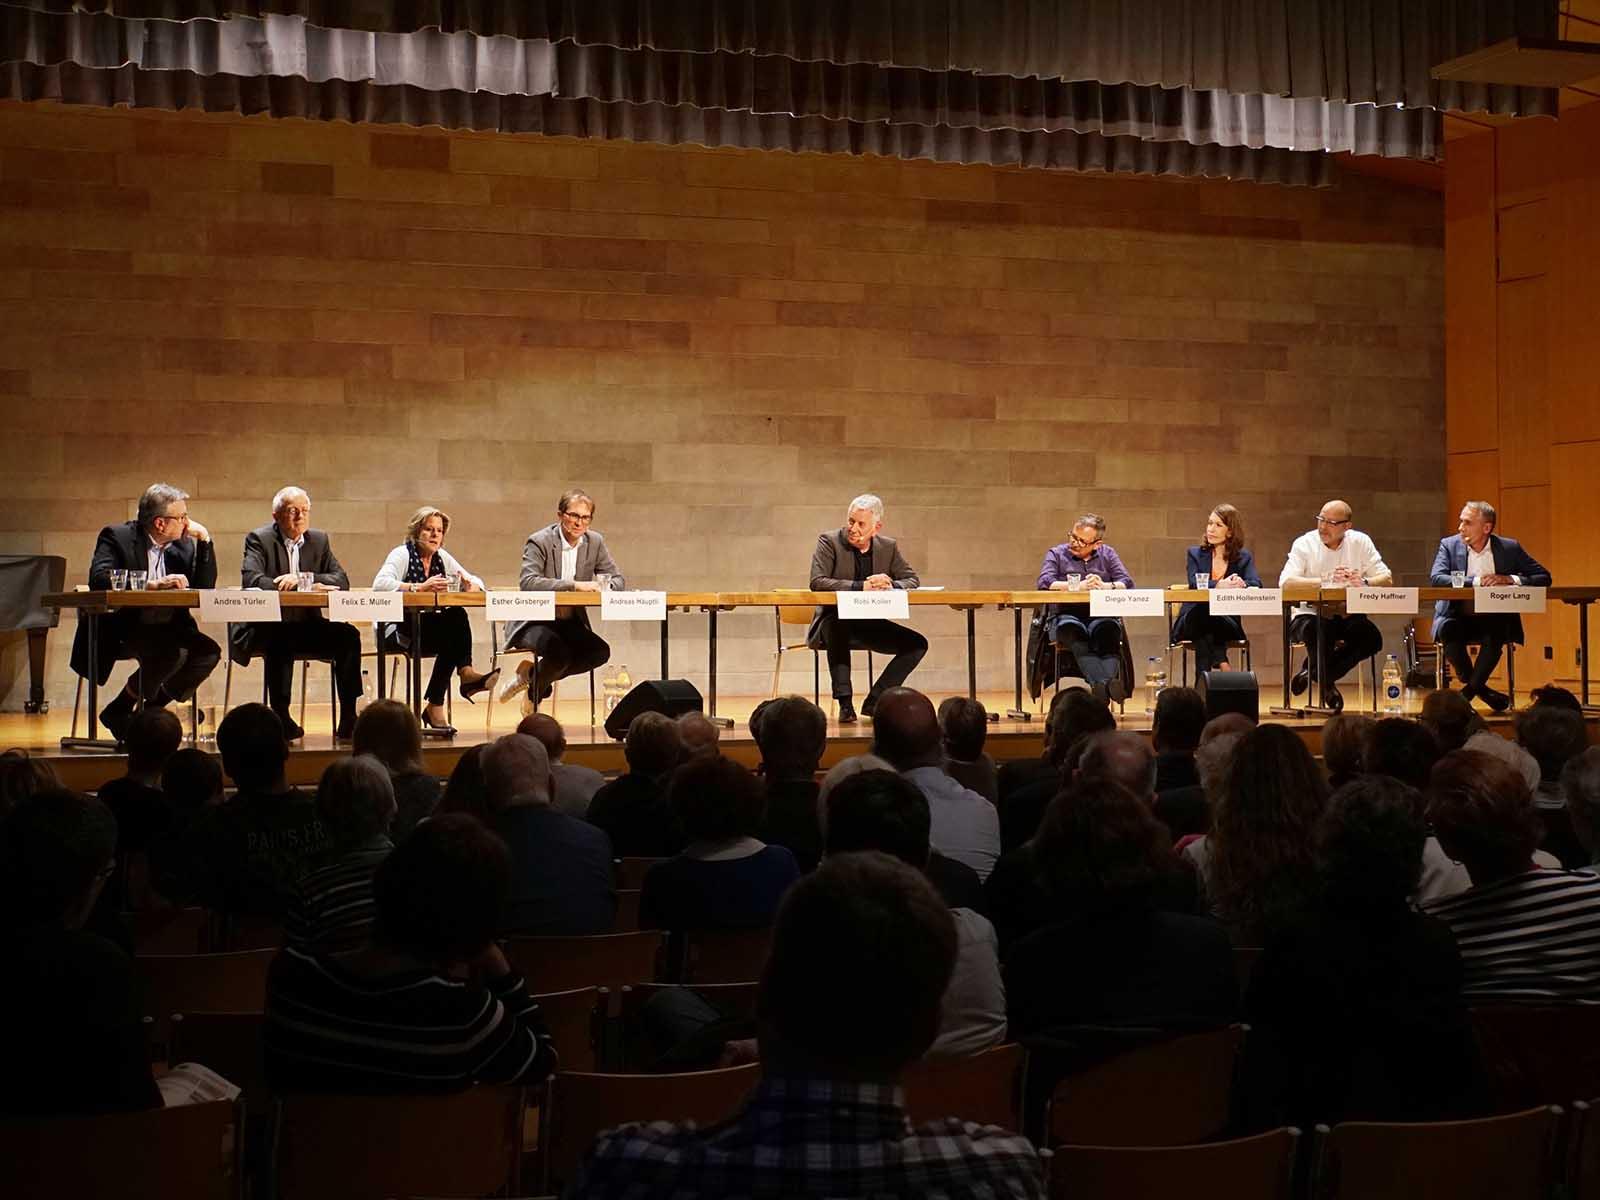 Die Podiumsgäste diskutierten engagiert über die Zukunft der Printmedien, Patentlösungen gab es aber keine.